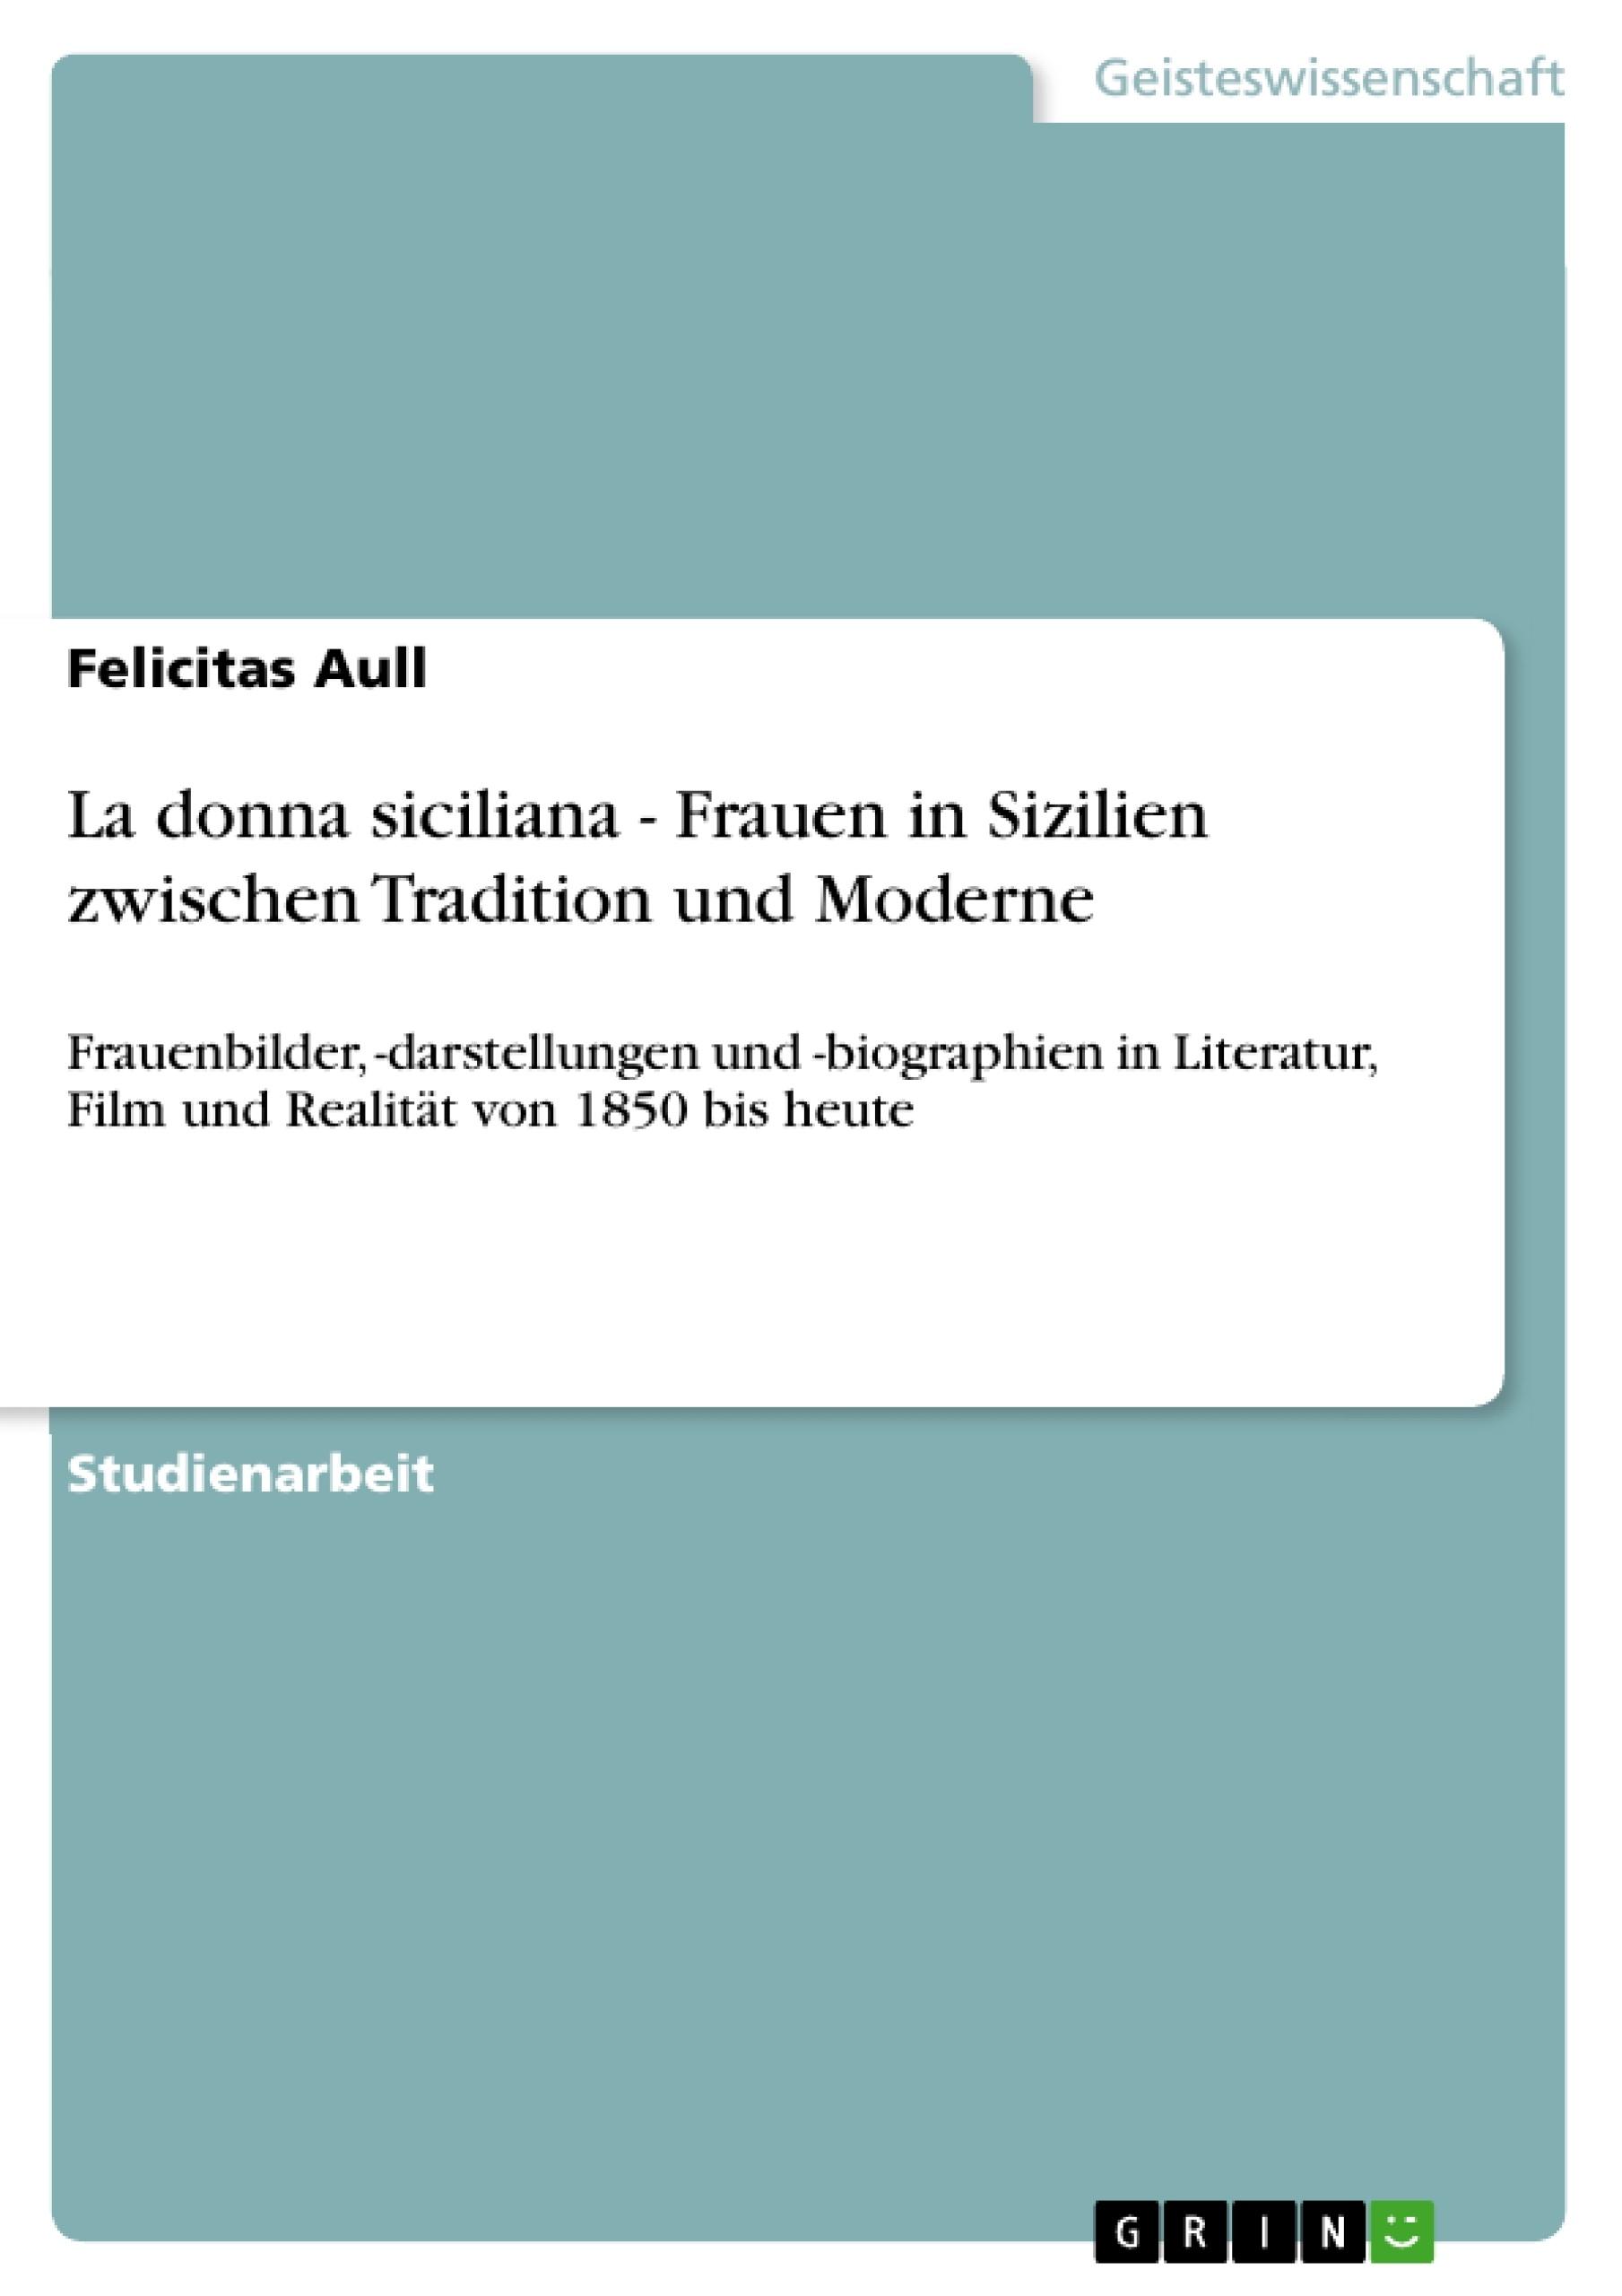 Titel: La donna siciliana - Frauen in Sizilien zwischen Tradition und Moderne